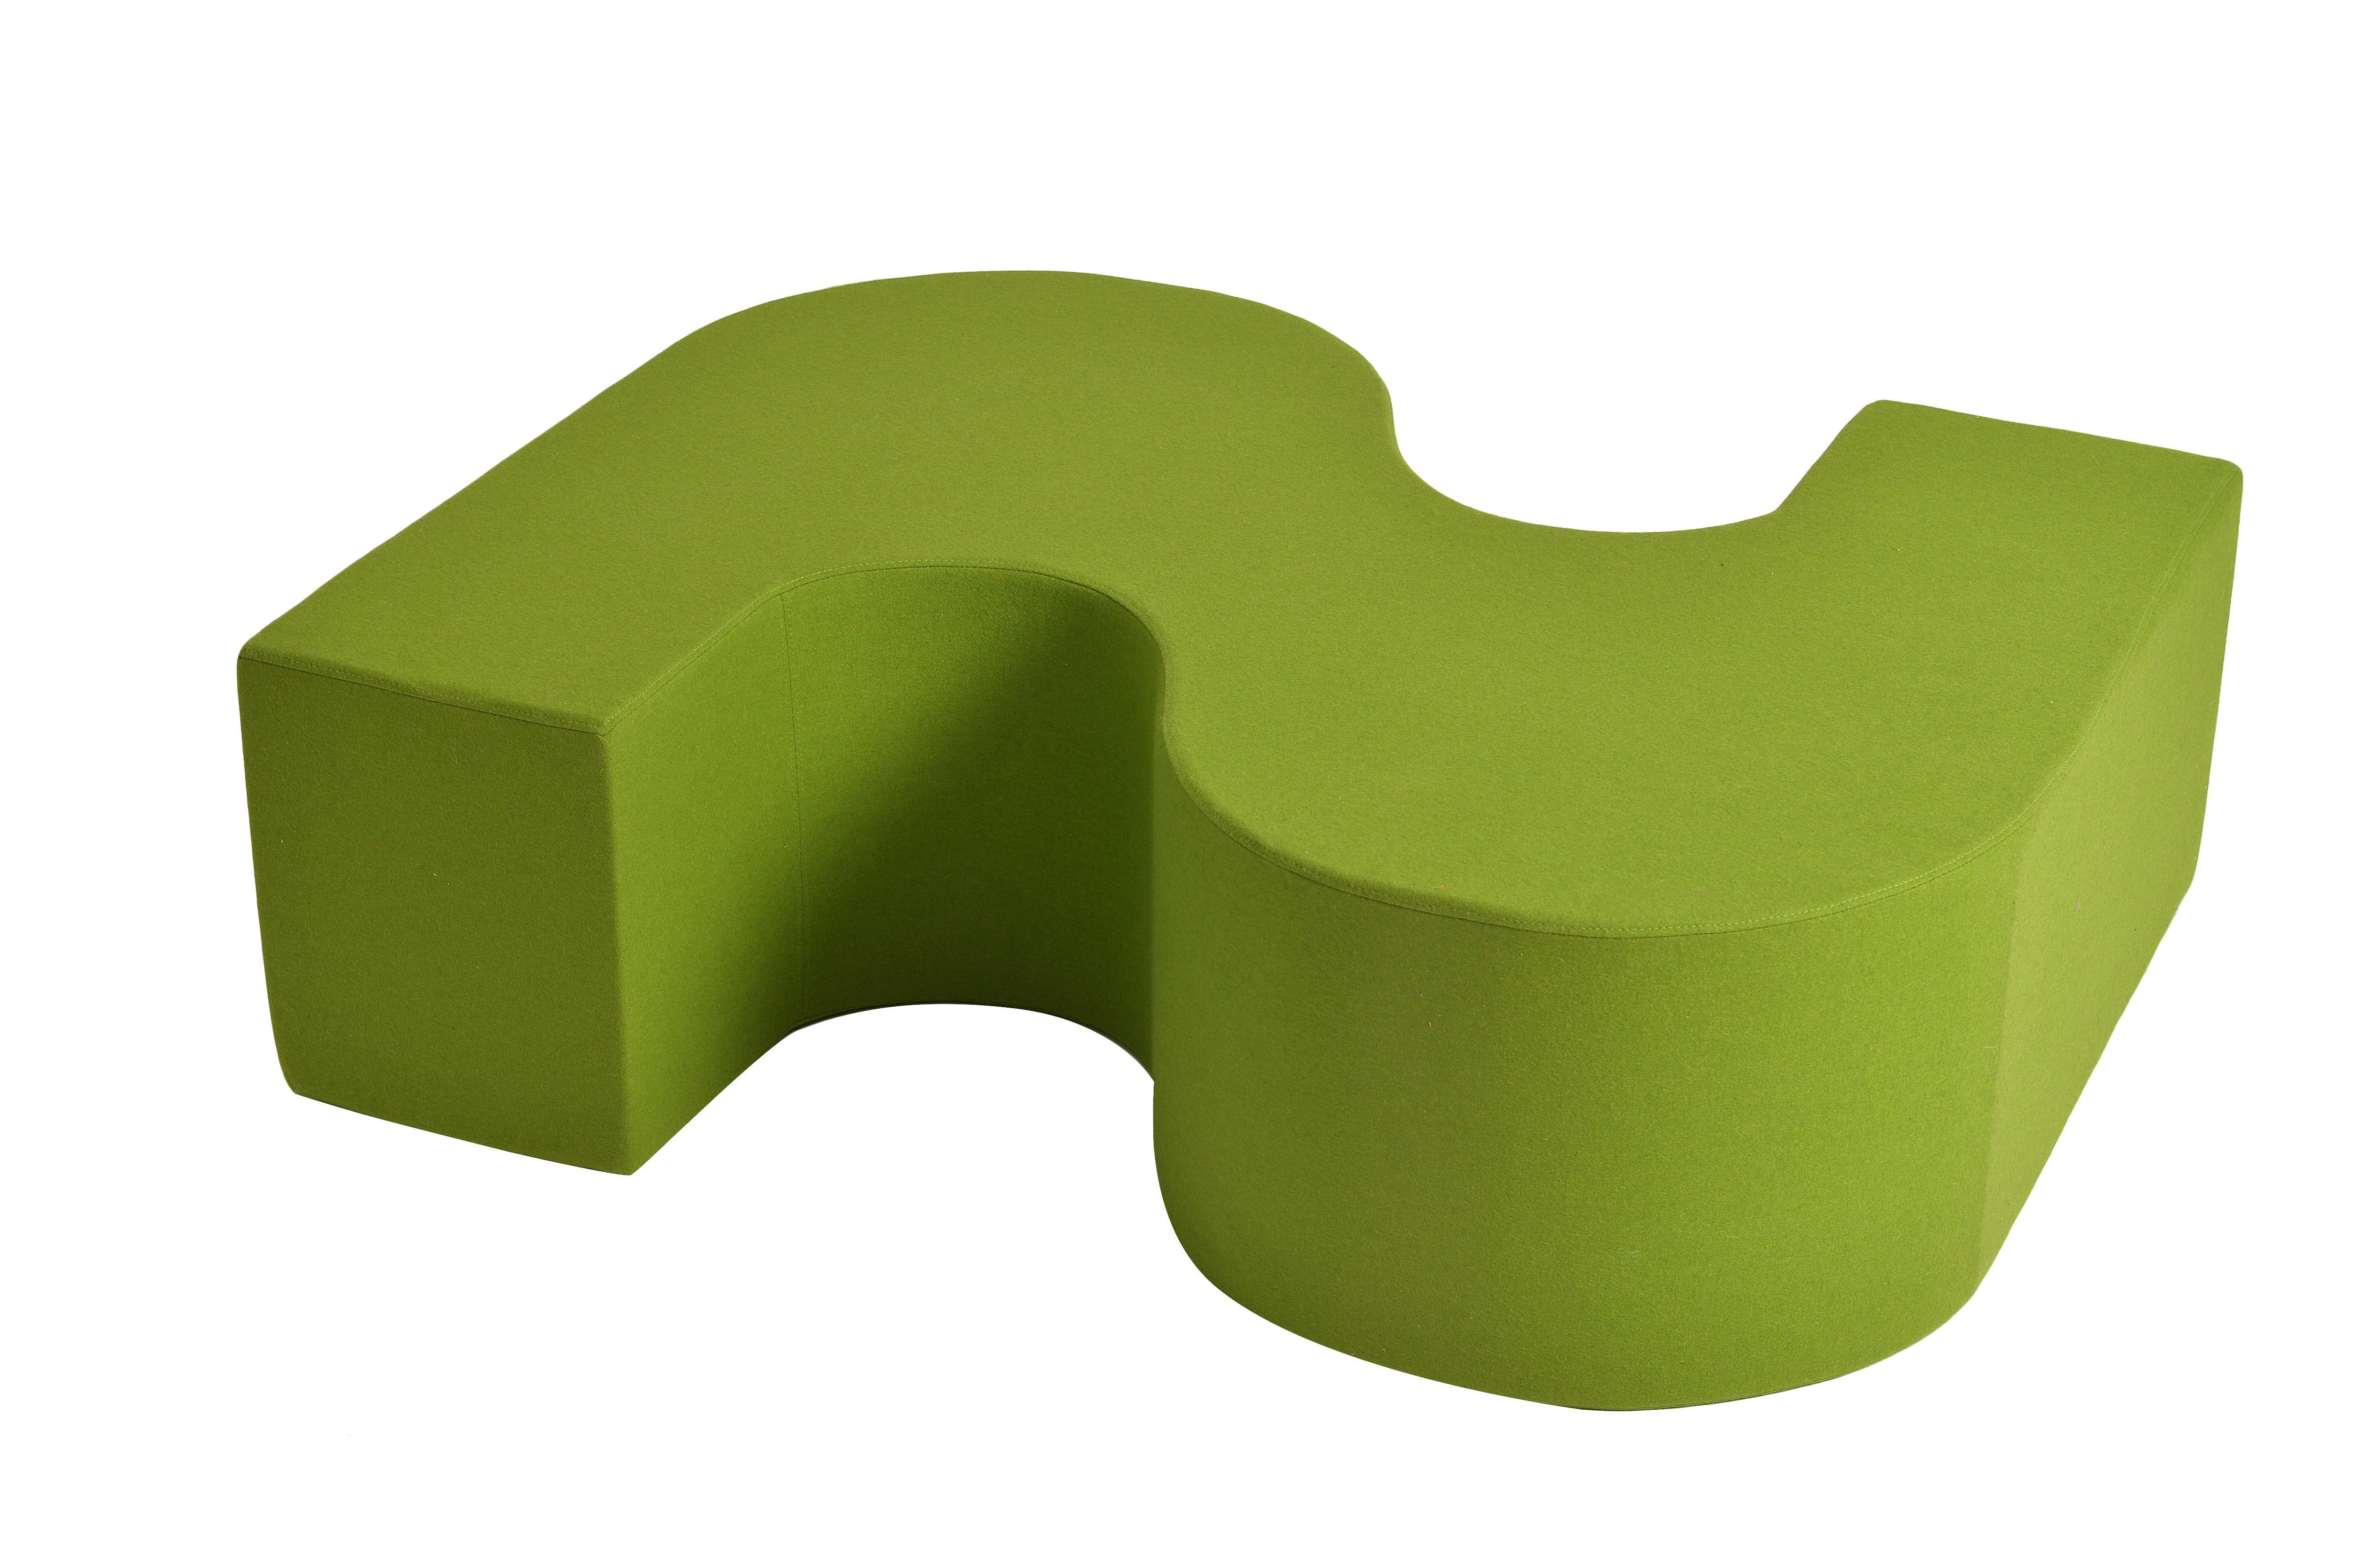 La banquette verte BBB by Oxyo. La banquette BBB est une transposition d'un élément de mobilier urbain dessiné par le studio de Jean Balladur : le B.B.B (Bordure, Banc, Béton), conçu pour protéger les trottoirs et autres espaces de la ville, François Combaud repense ce mobilier urbain pour une utilisation intérieure. La forme en S évoque la fluidité des vagues, les formes généreuses, elle abandonne le béton pour la mousse et le drap de laine, s'agrandit et devient assise.